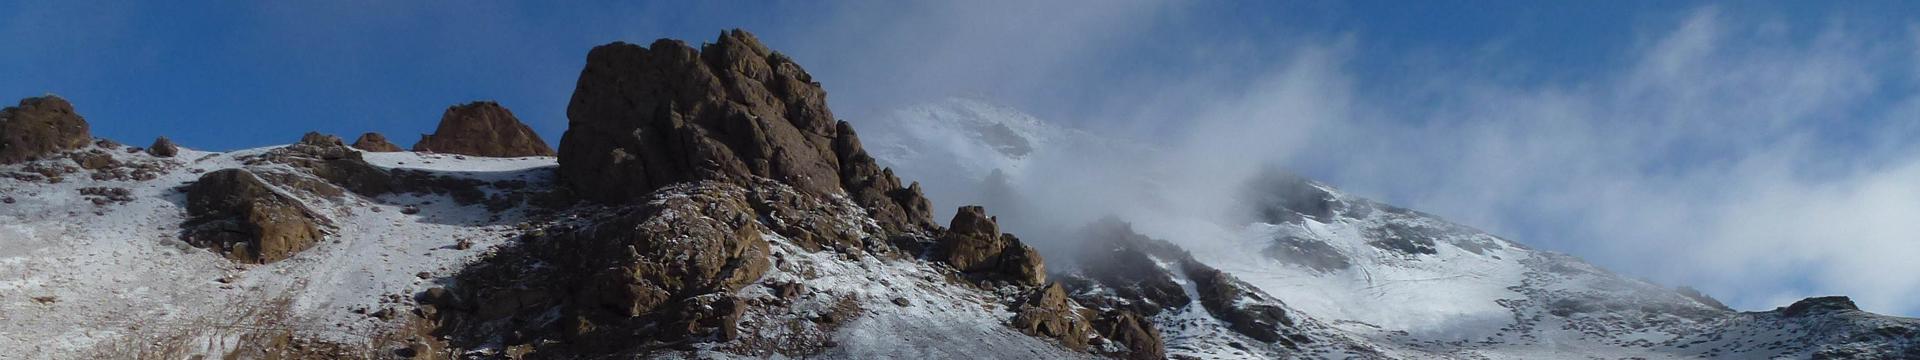 Klettersteig-Set